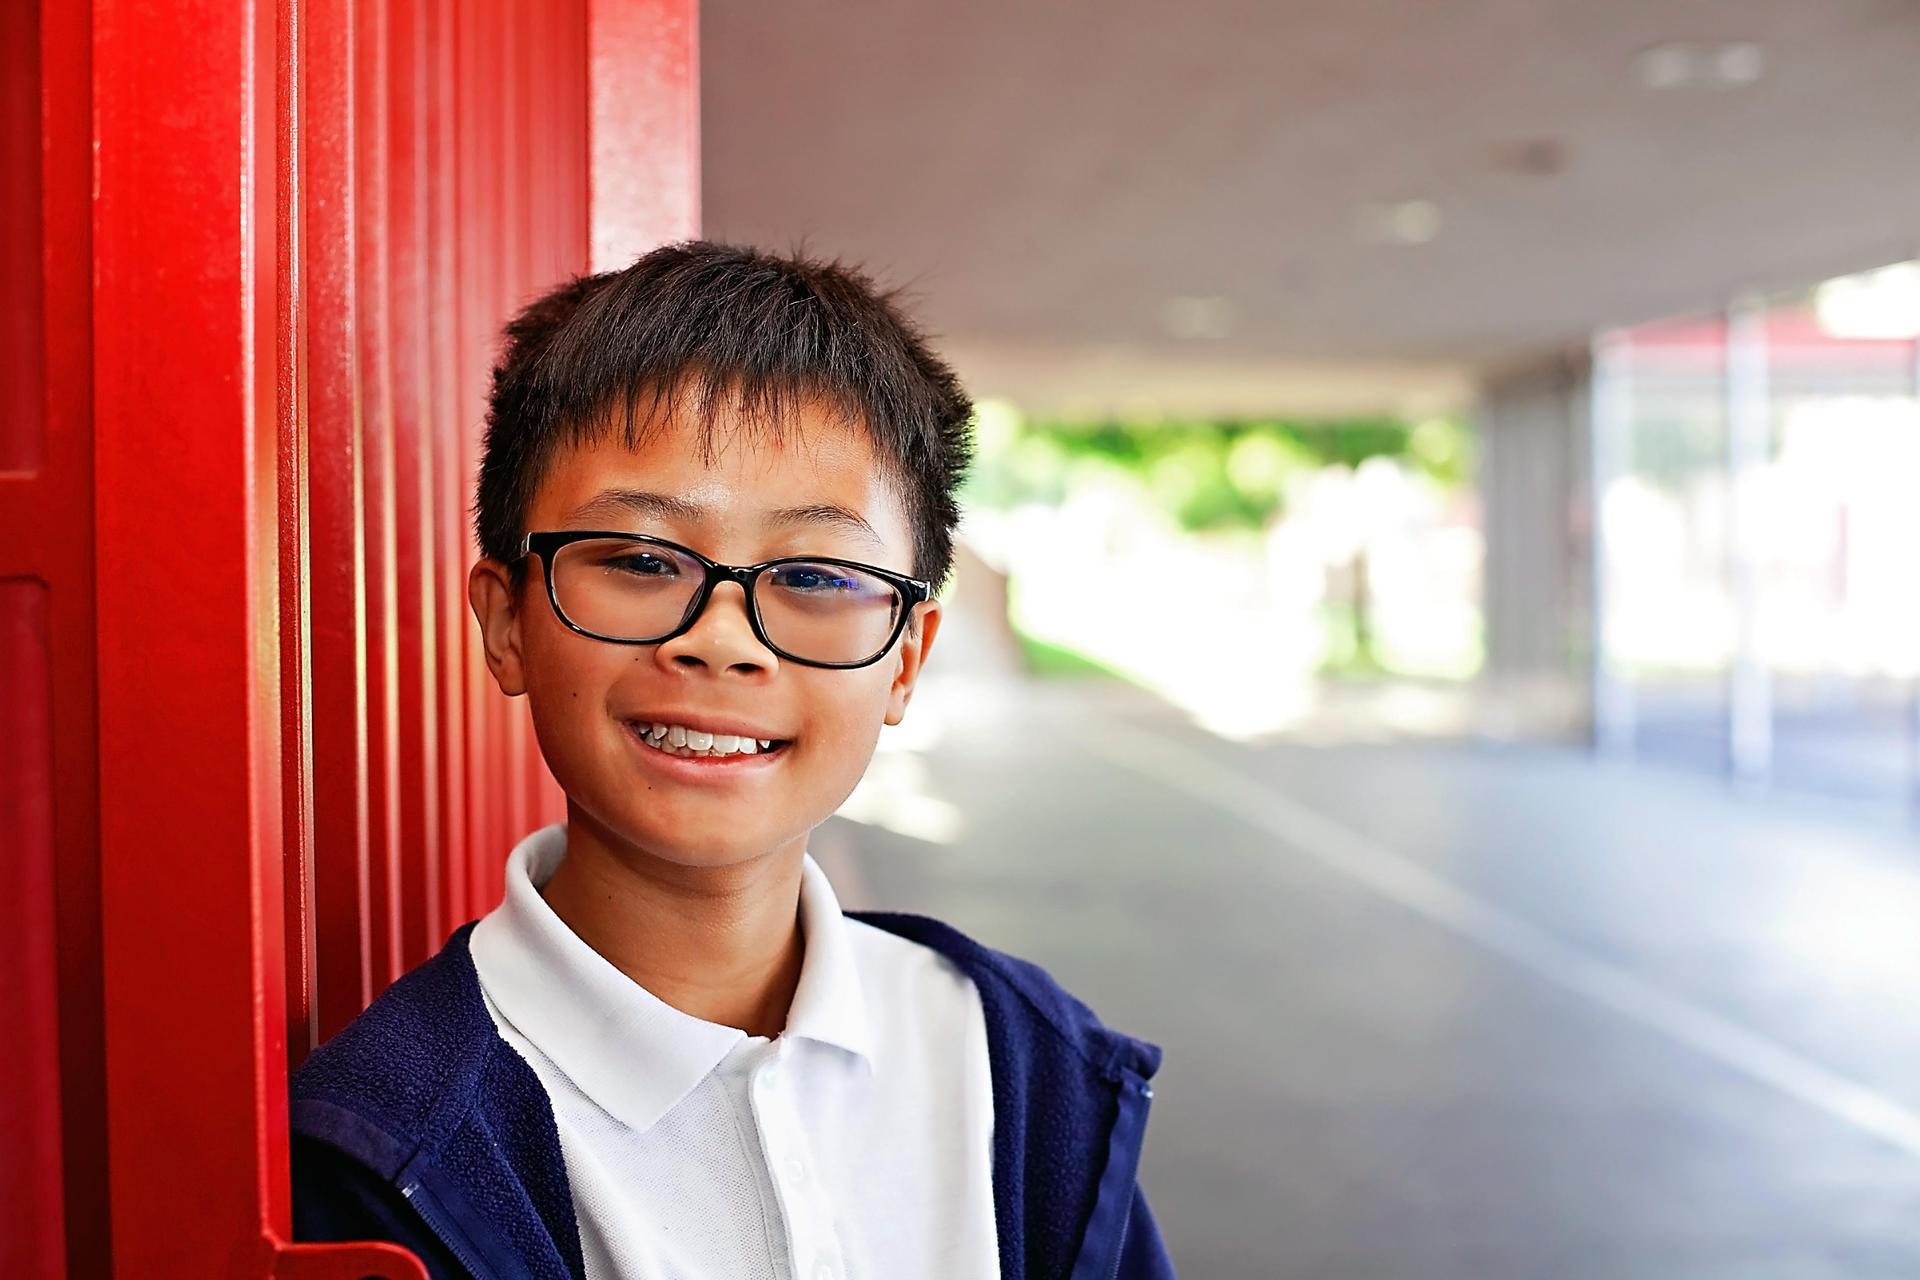 Boy in hall